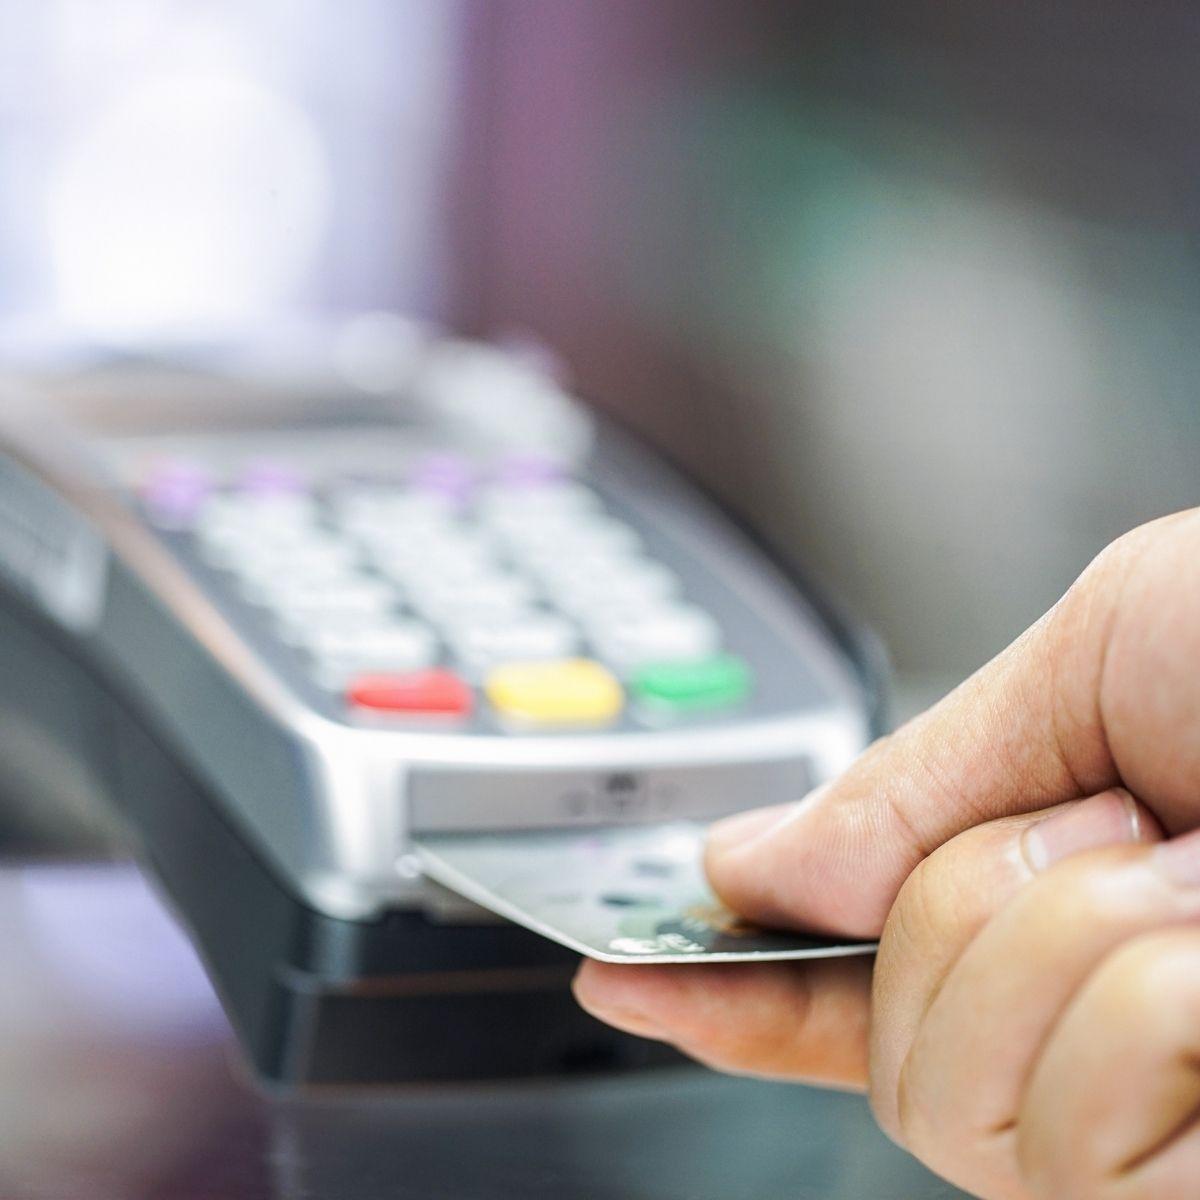 Por qué no me dan una tarjeta de crédito si el propio banco me la ofreció 4